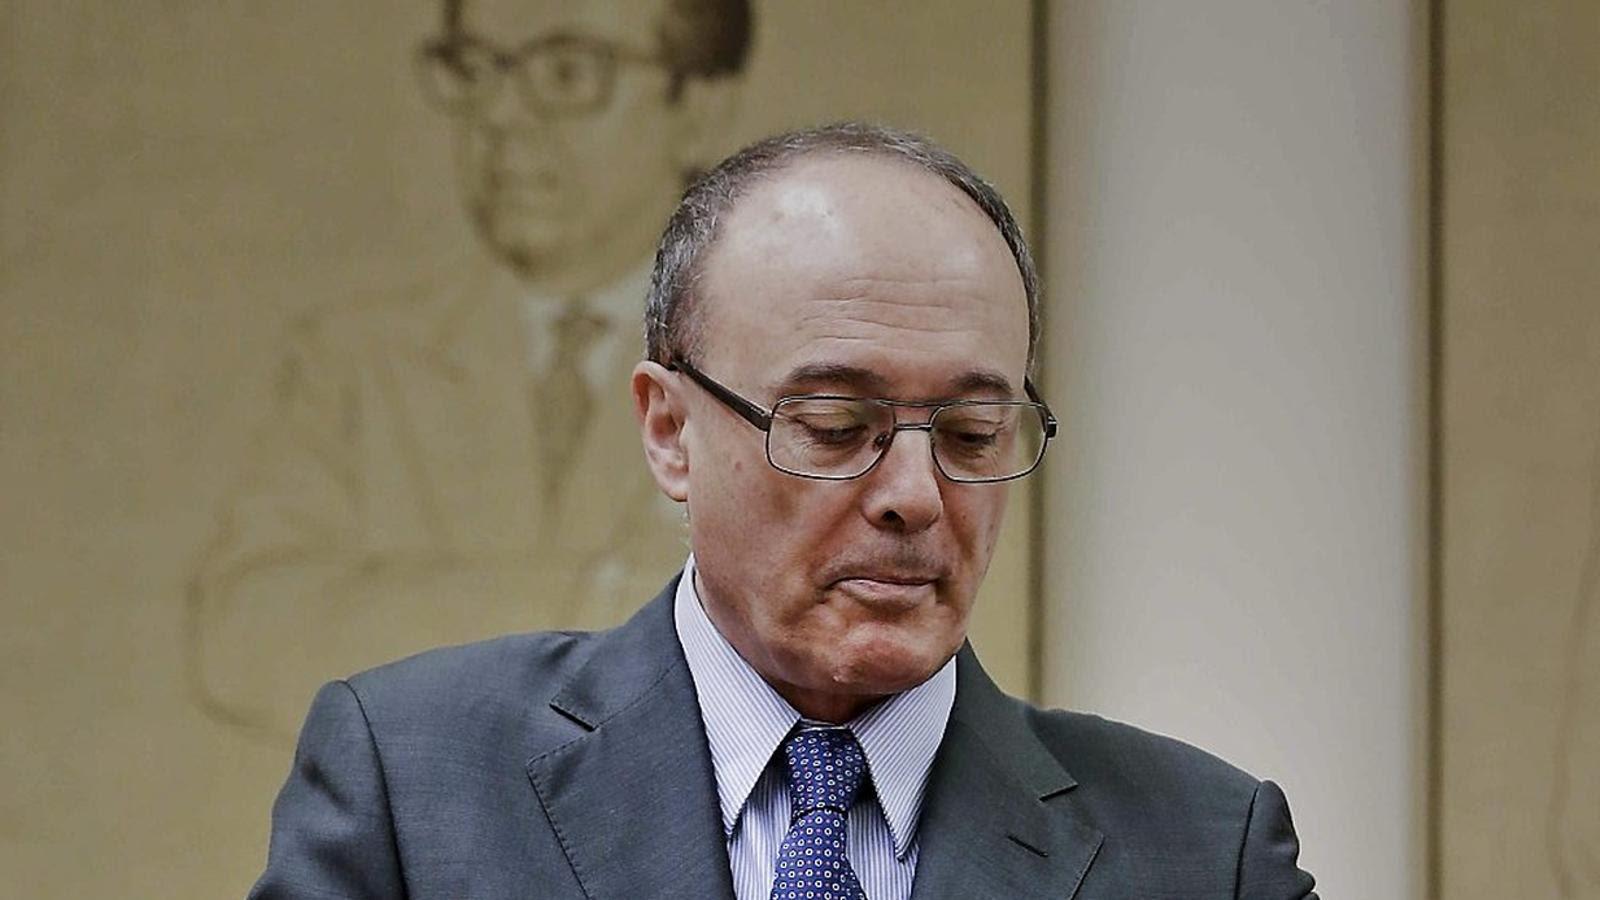 El governador del Banc d'Espanya, Luis María Linde, ha comparegut a la comissió del Pacte de Toledo. / EMILIO NARANJO / EFE